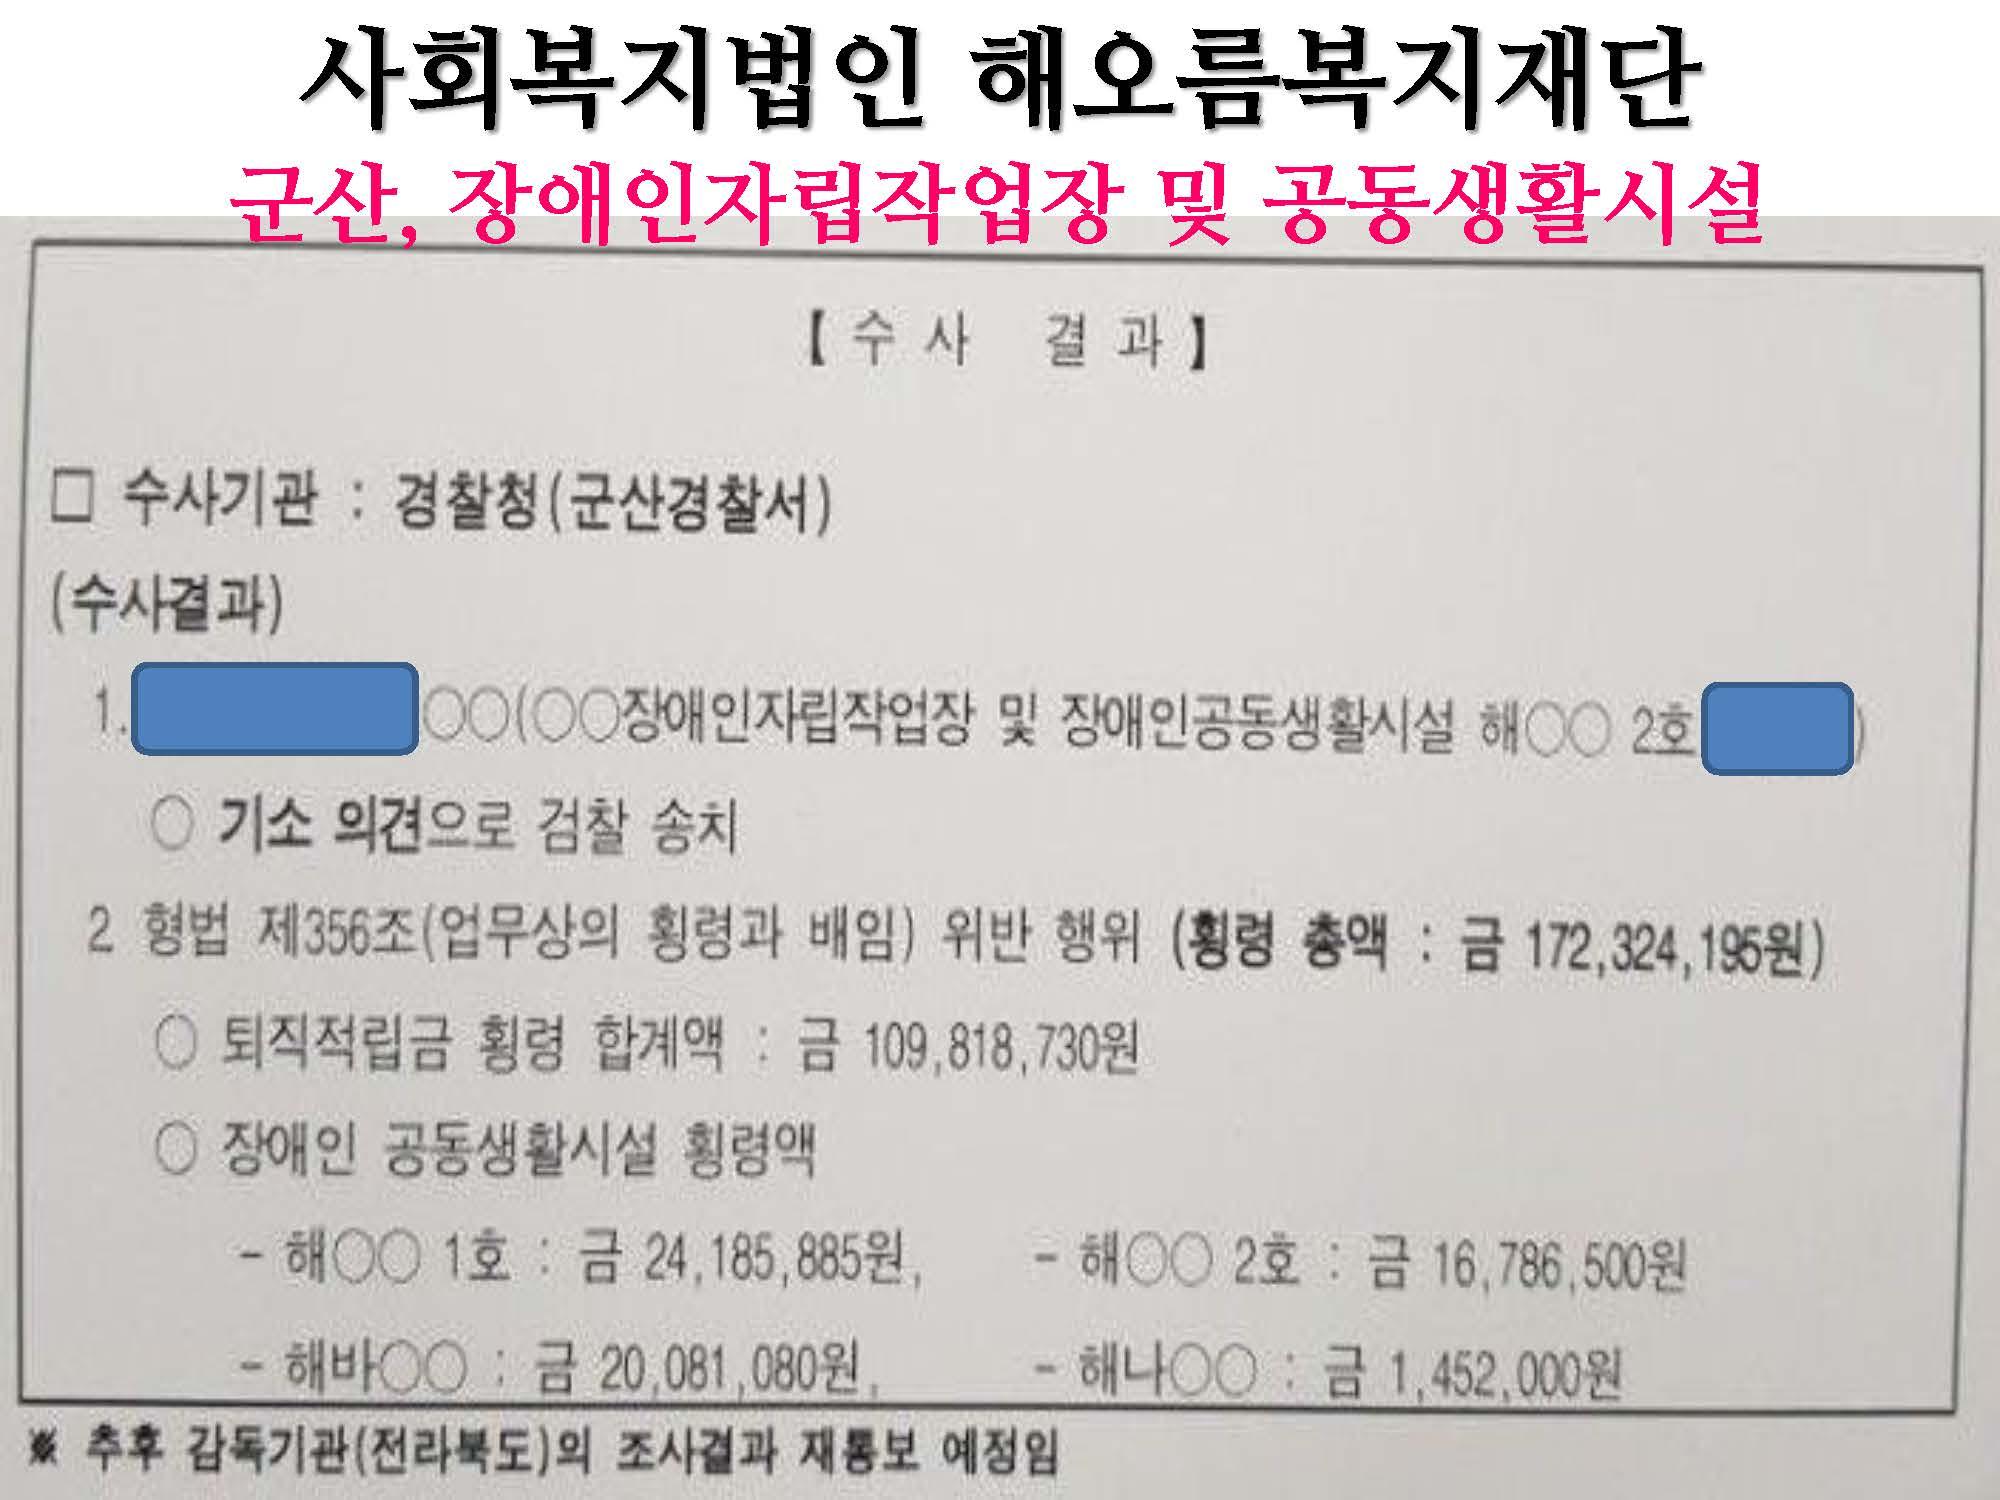 2019년 평화주민사랑방 활동 및 결산보고(PDF)_페이지_32.jpg